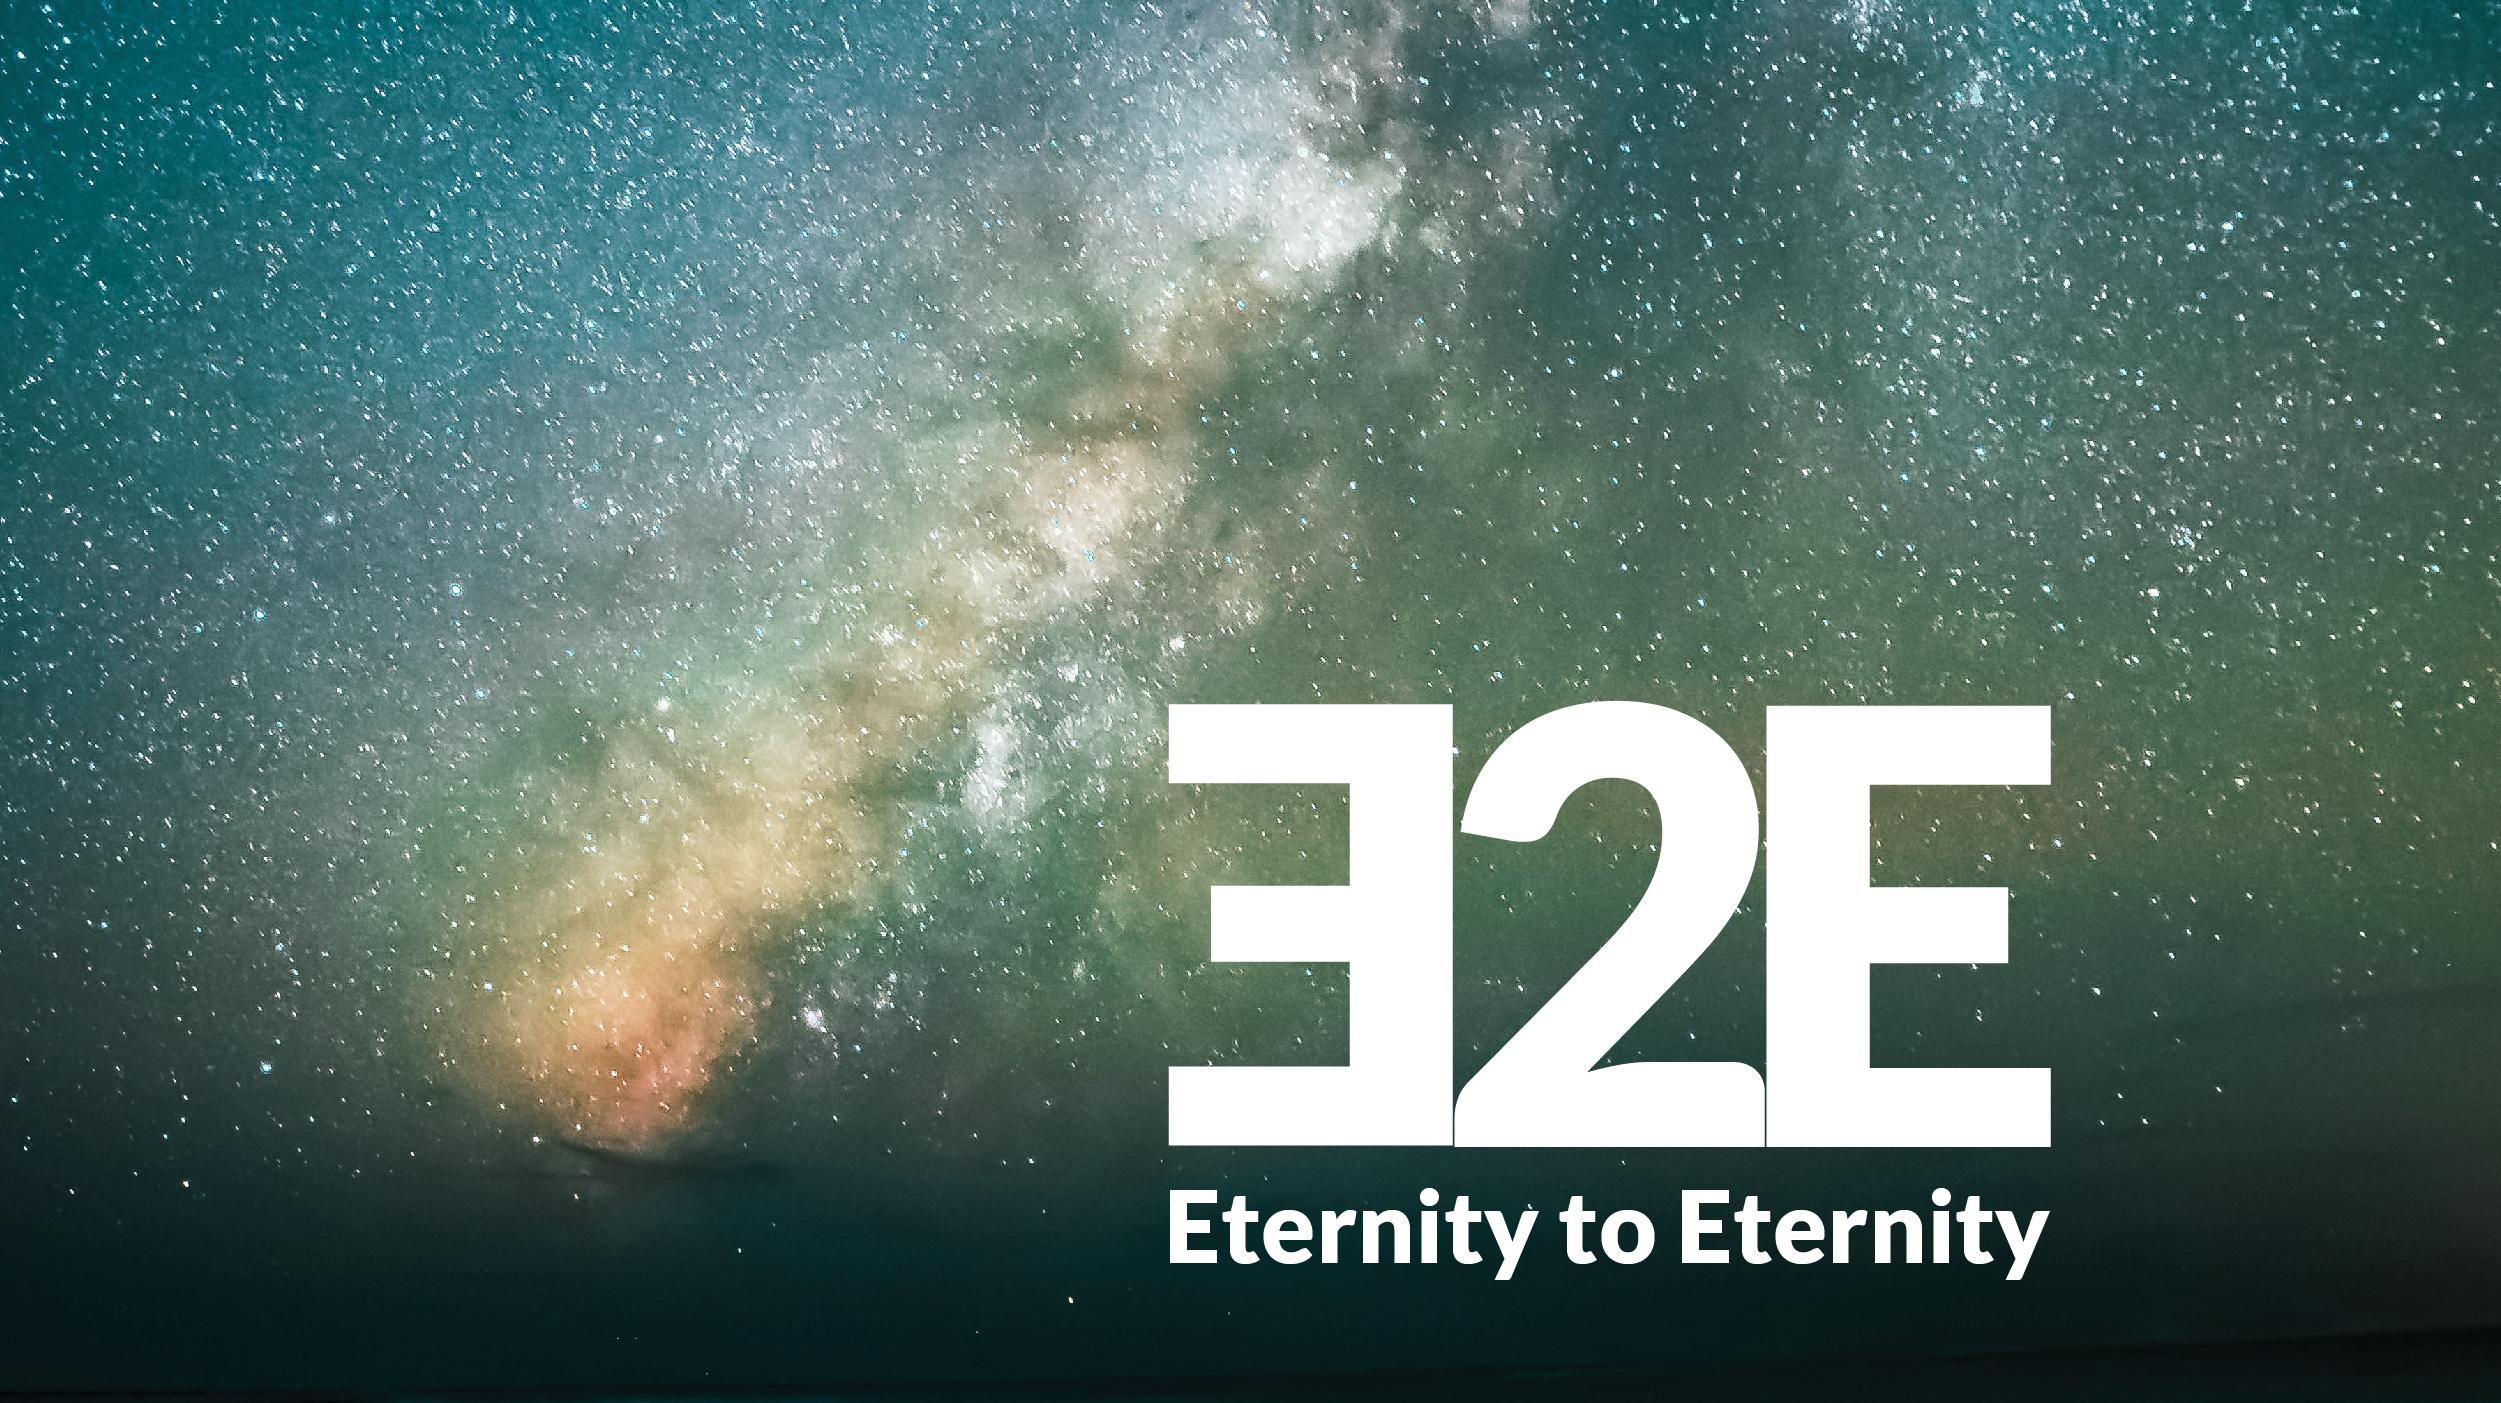 e2e website